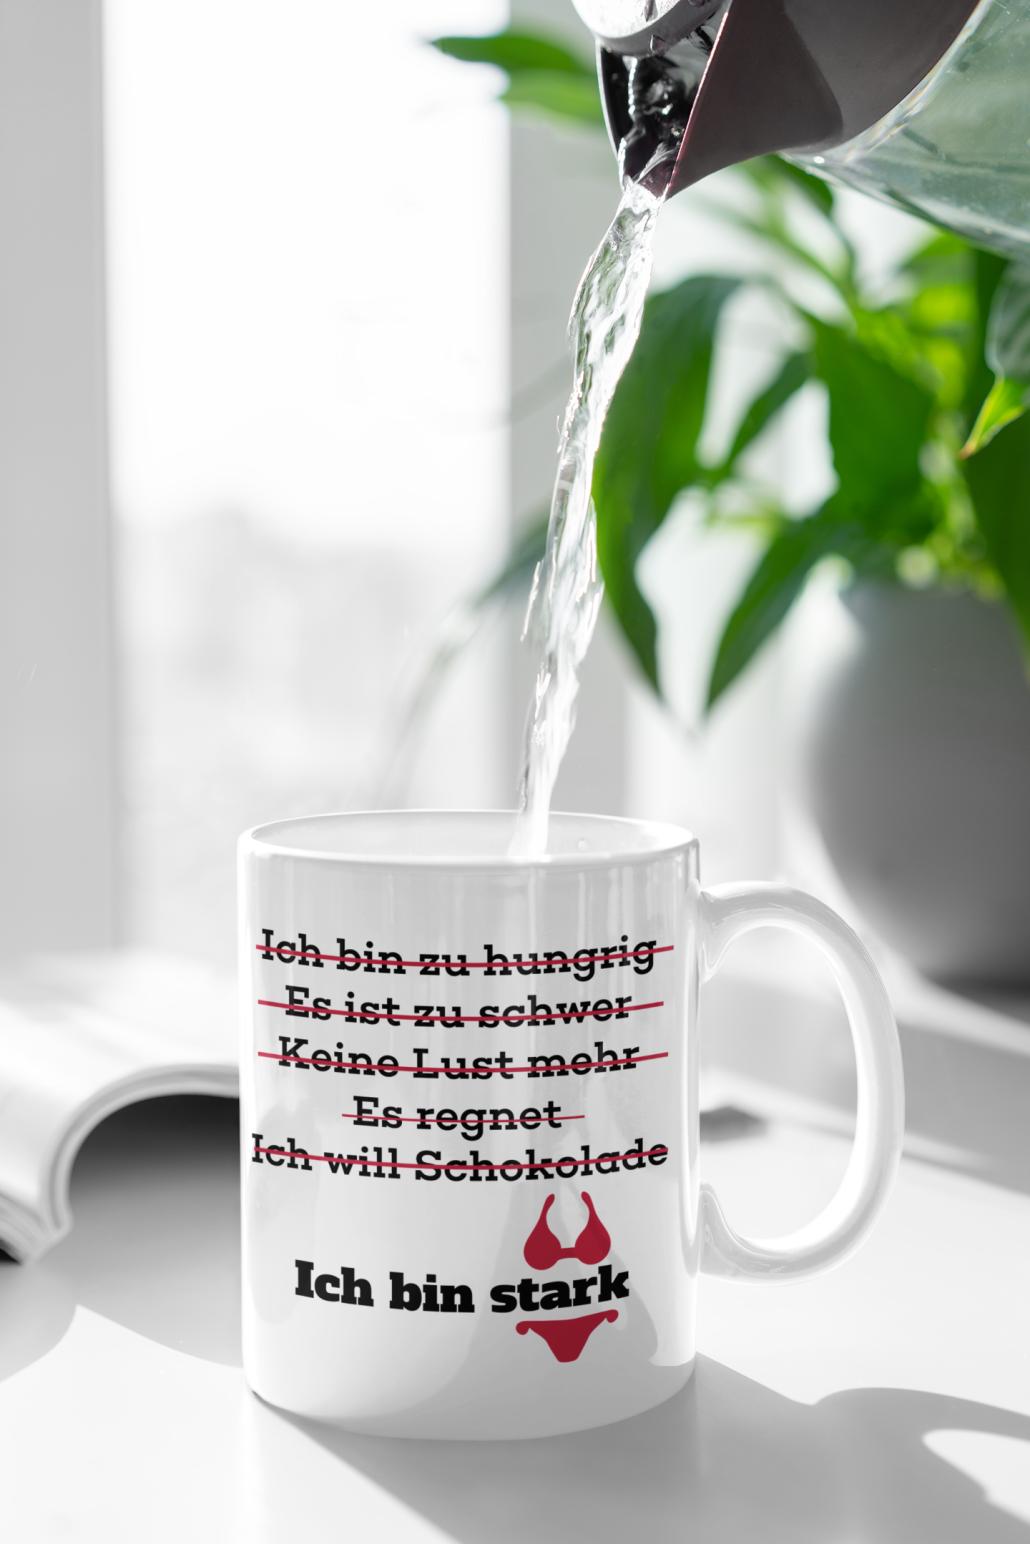 Tasse_mit_motivations_spruch